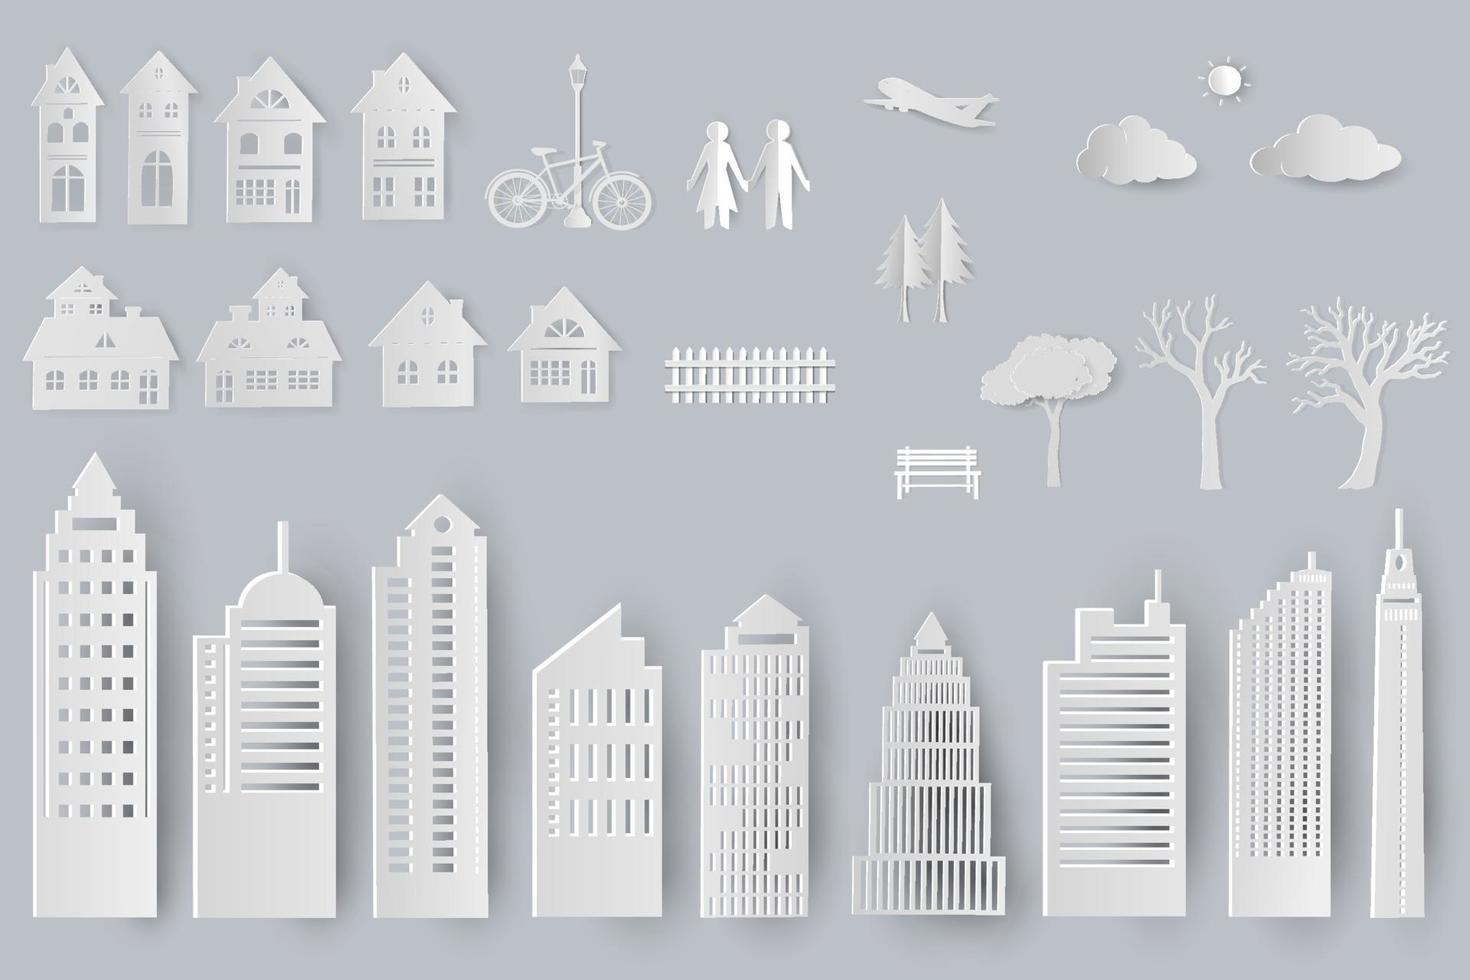 ensemble de bâtiments, maisons, arbres objets isolés pour la conception en style papier découpé vecteur